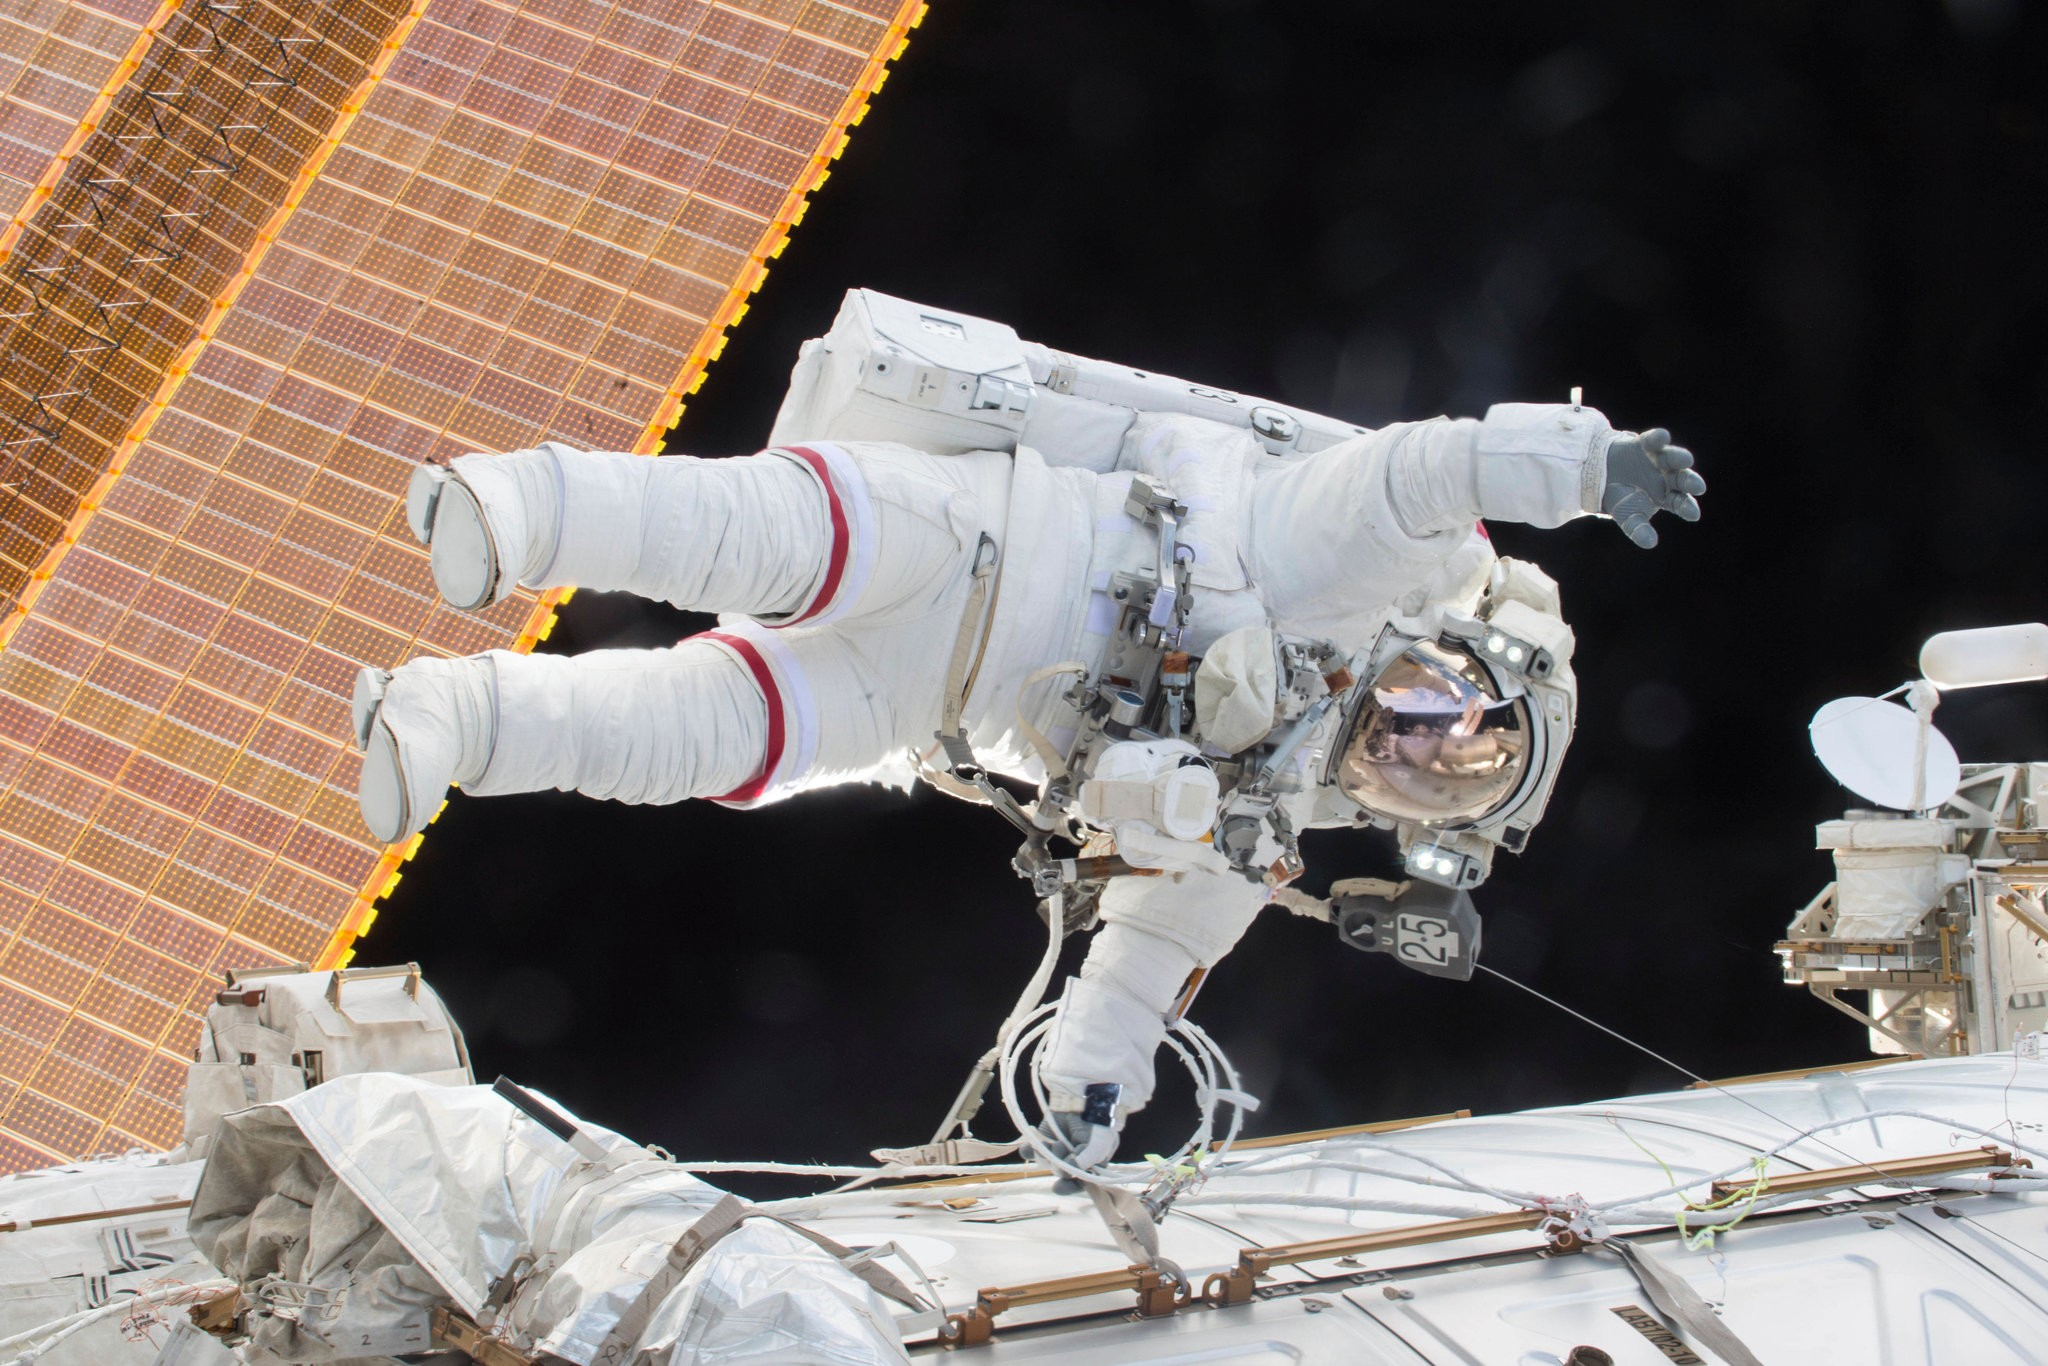 Ο Σκοτ Κέλι με στολή αστροναύτη.